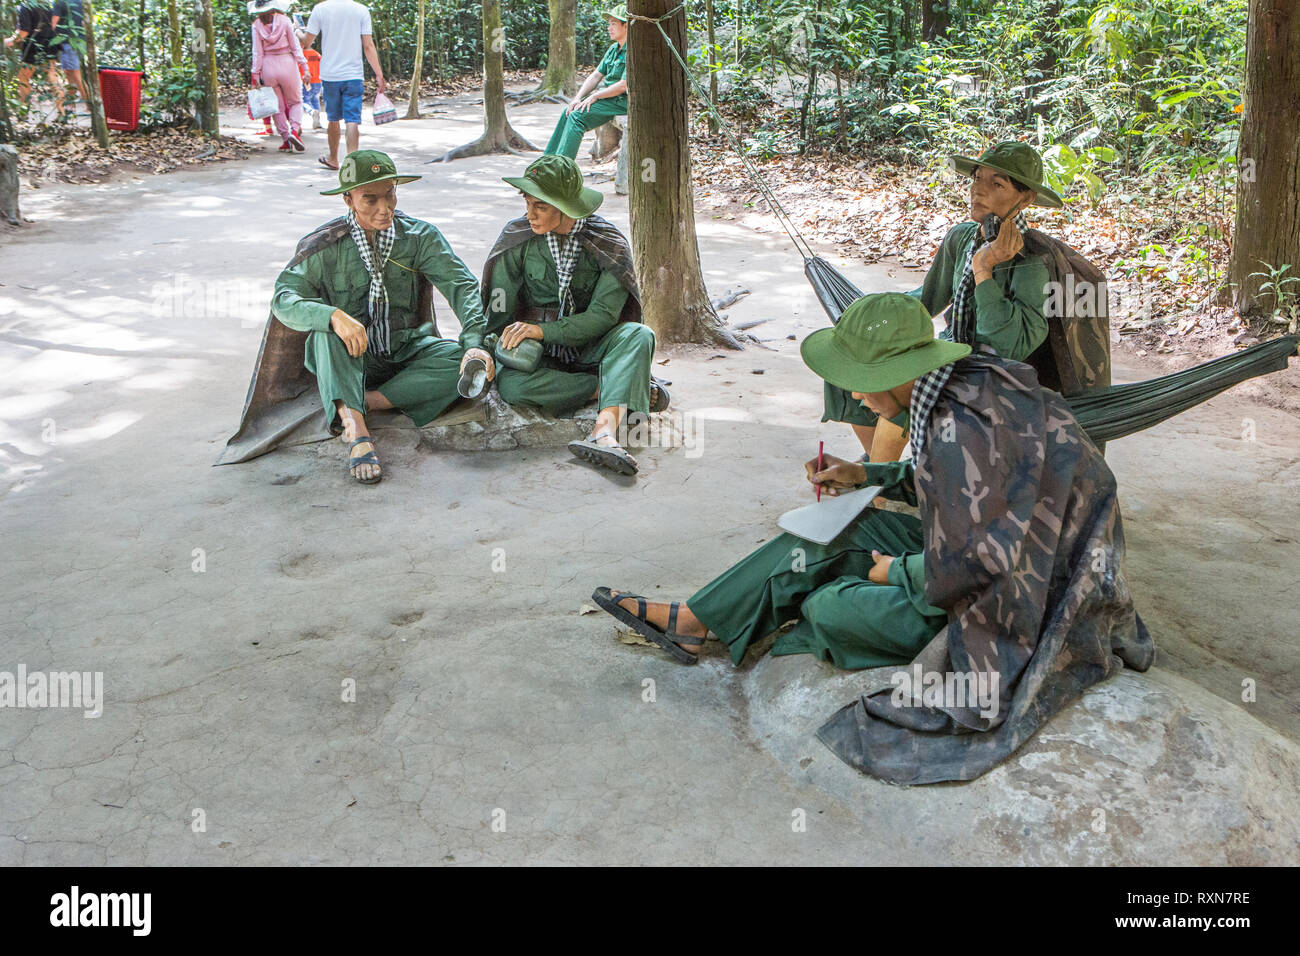 Modelli di Vietcong fighters al Tunnel di Cu Chi, Vietnam. Immagini Stock